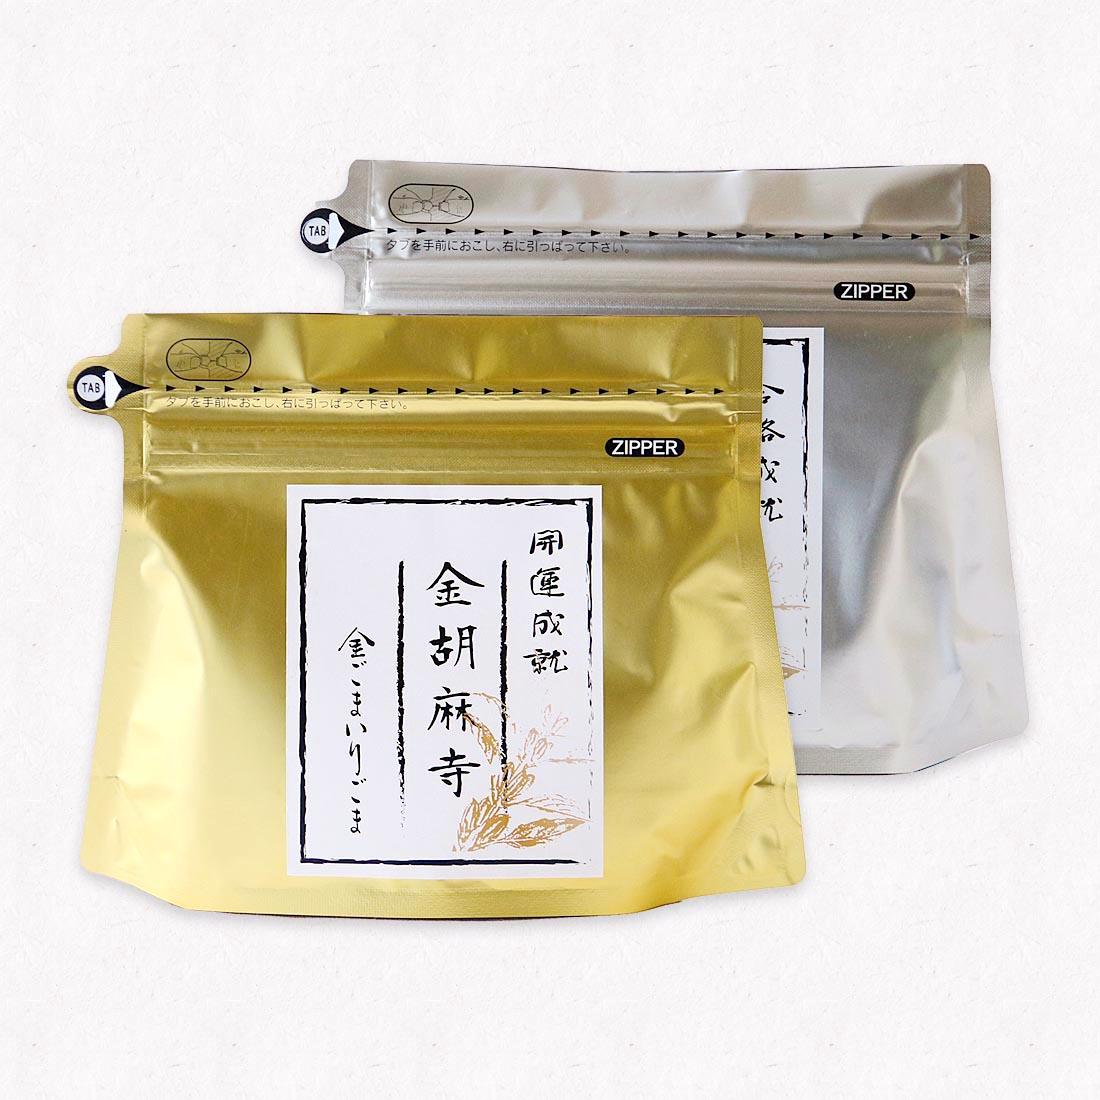 寺社向け金ごまギフト(お配り品) 金&銀パッケージ 2袋セット